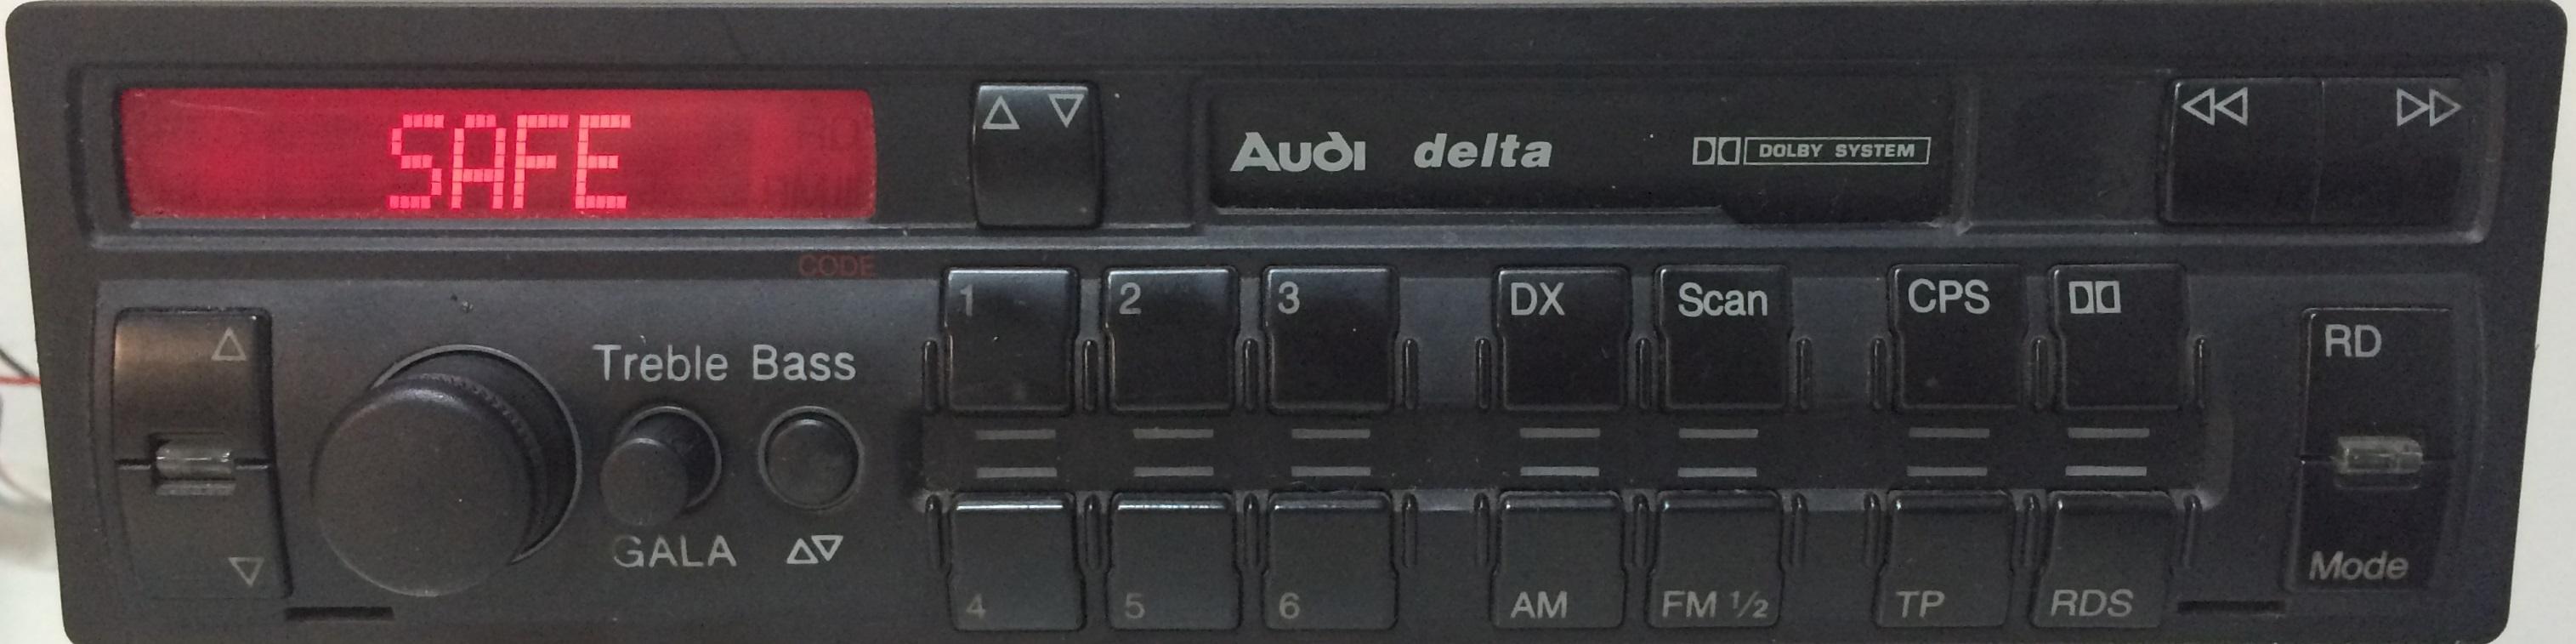 AUDI-Delta-SAFE